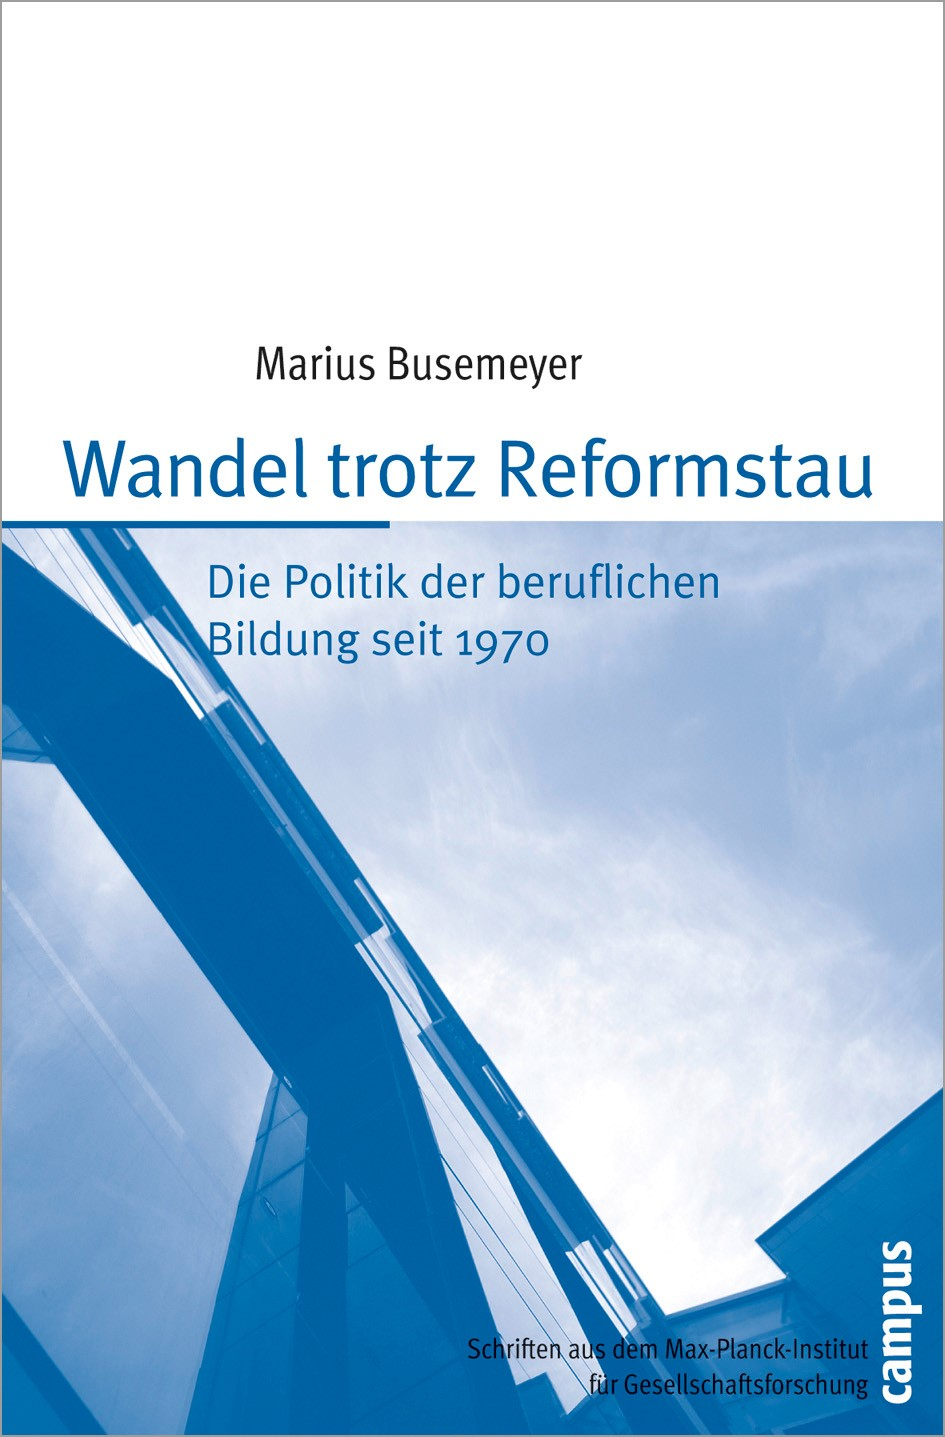 Abbildung von Busemeyer | Wandel trotz Reformstau | 2009